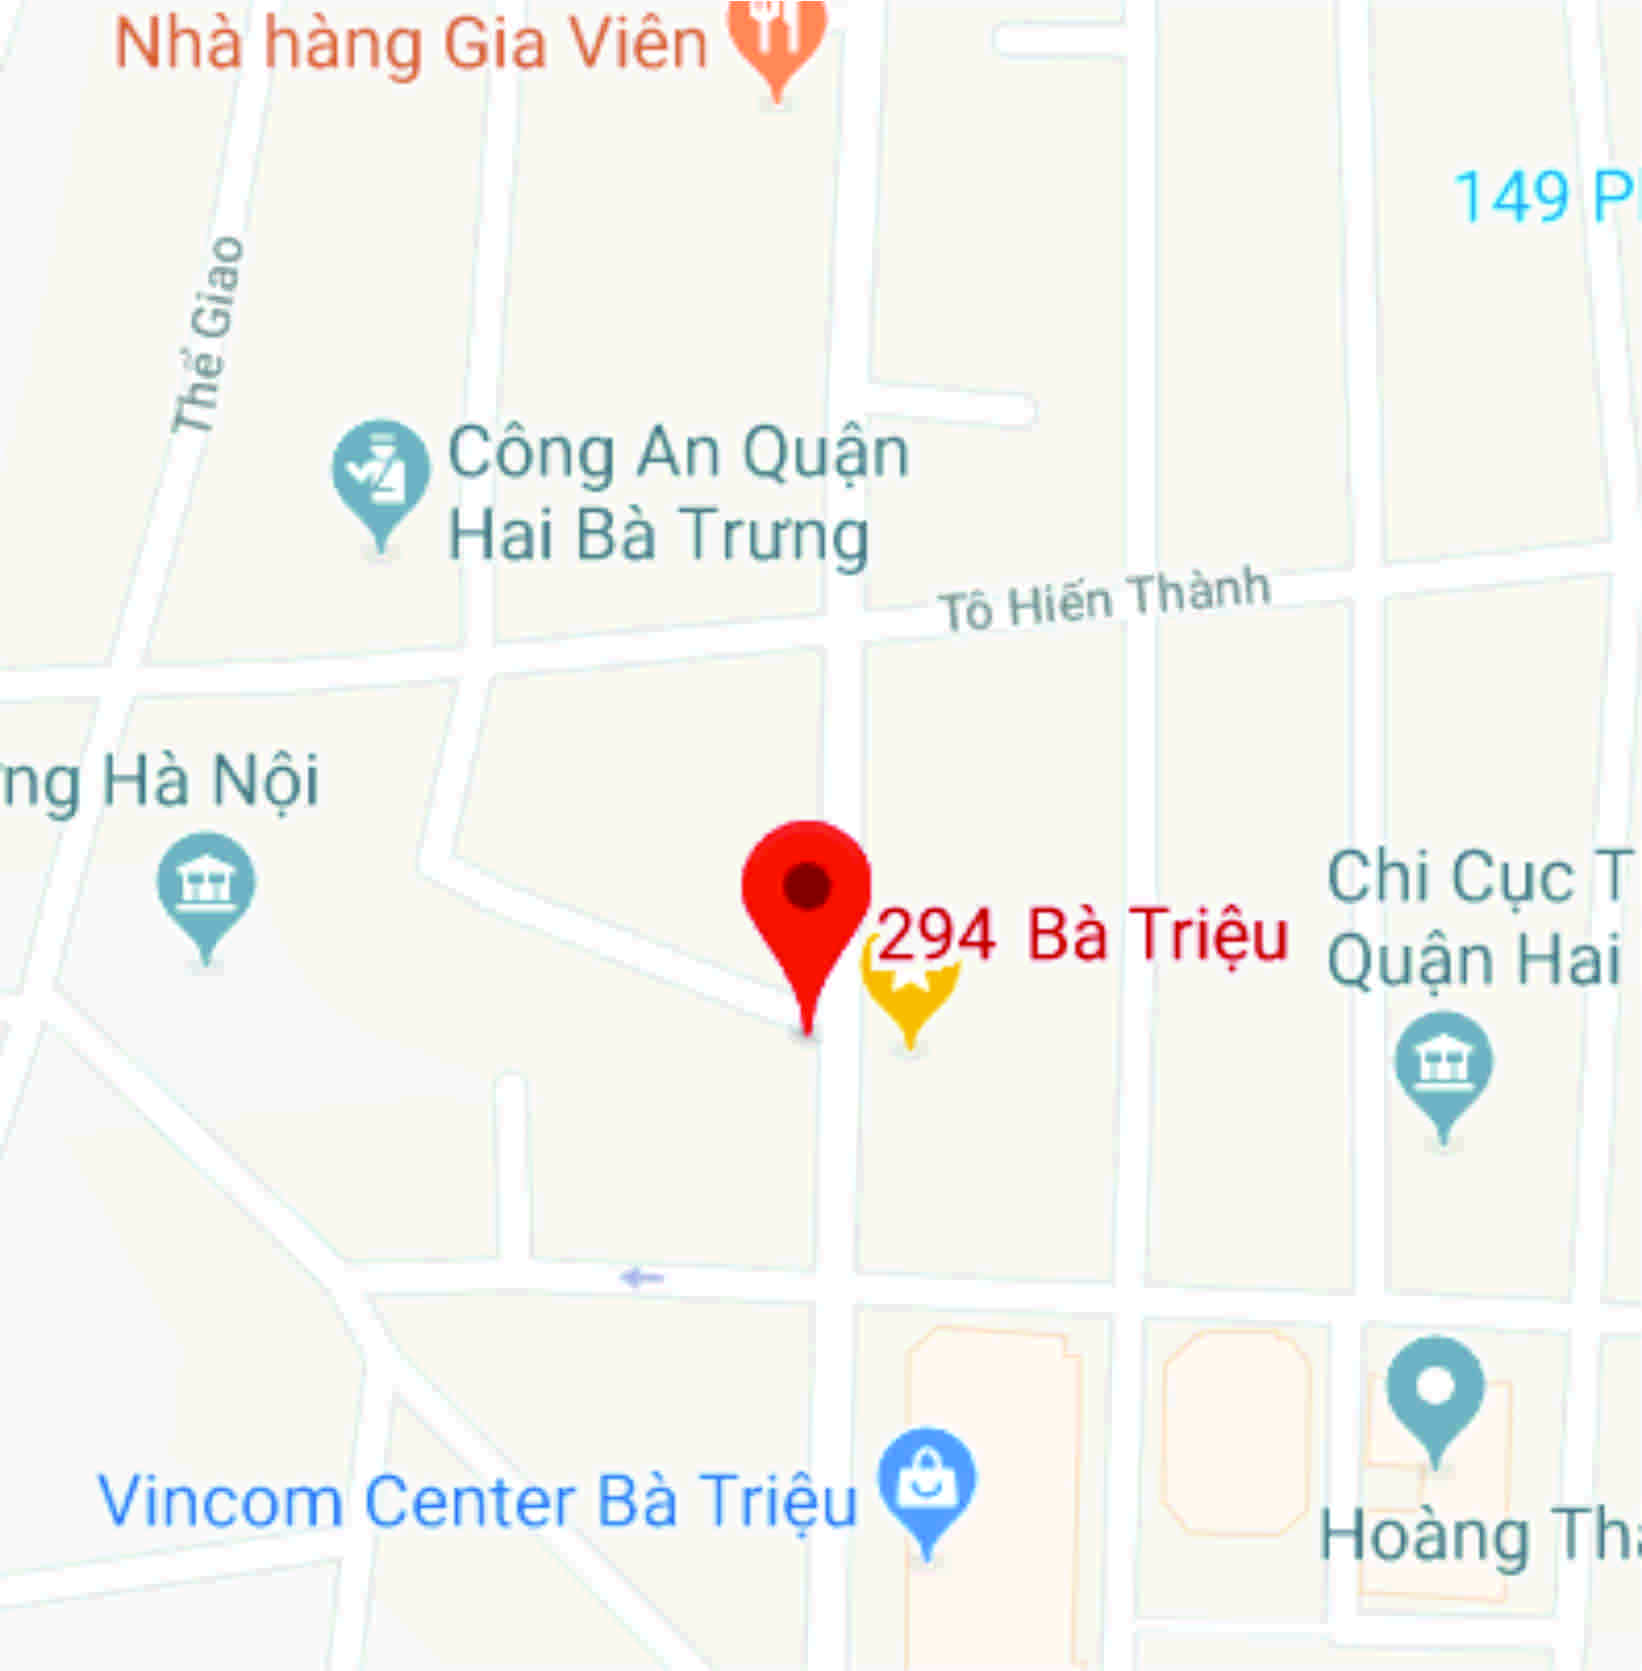 map187 Dịch thuật công chứng hồ sơ dự án dịch thuật công chứng uy tín chất lượng VHD Hà Nội